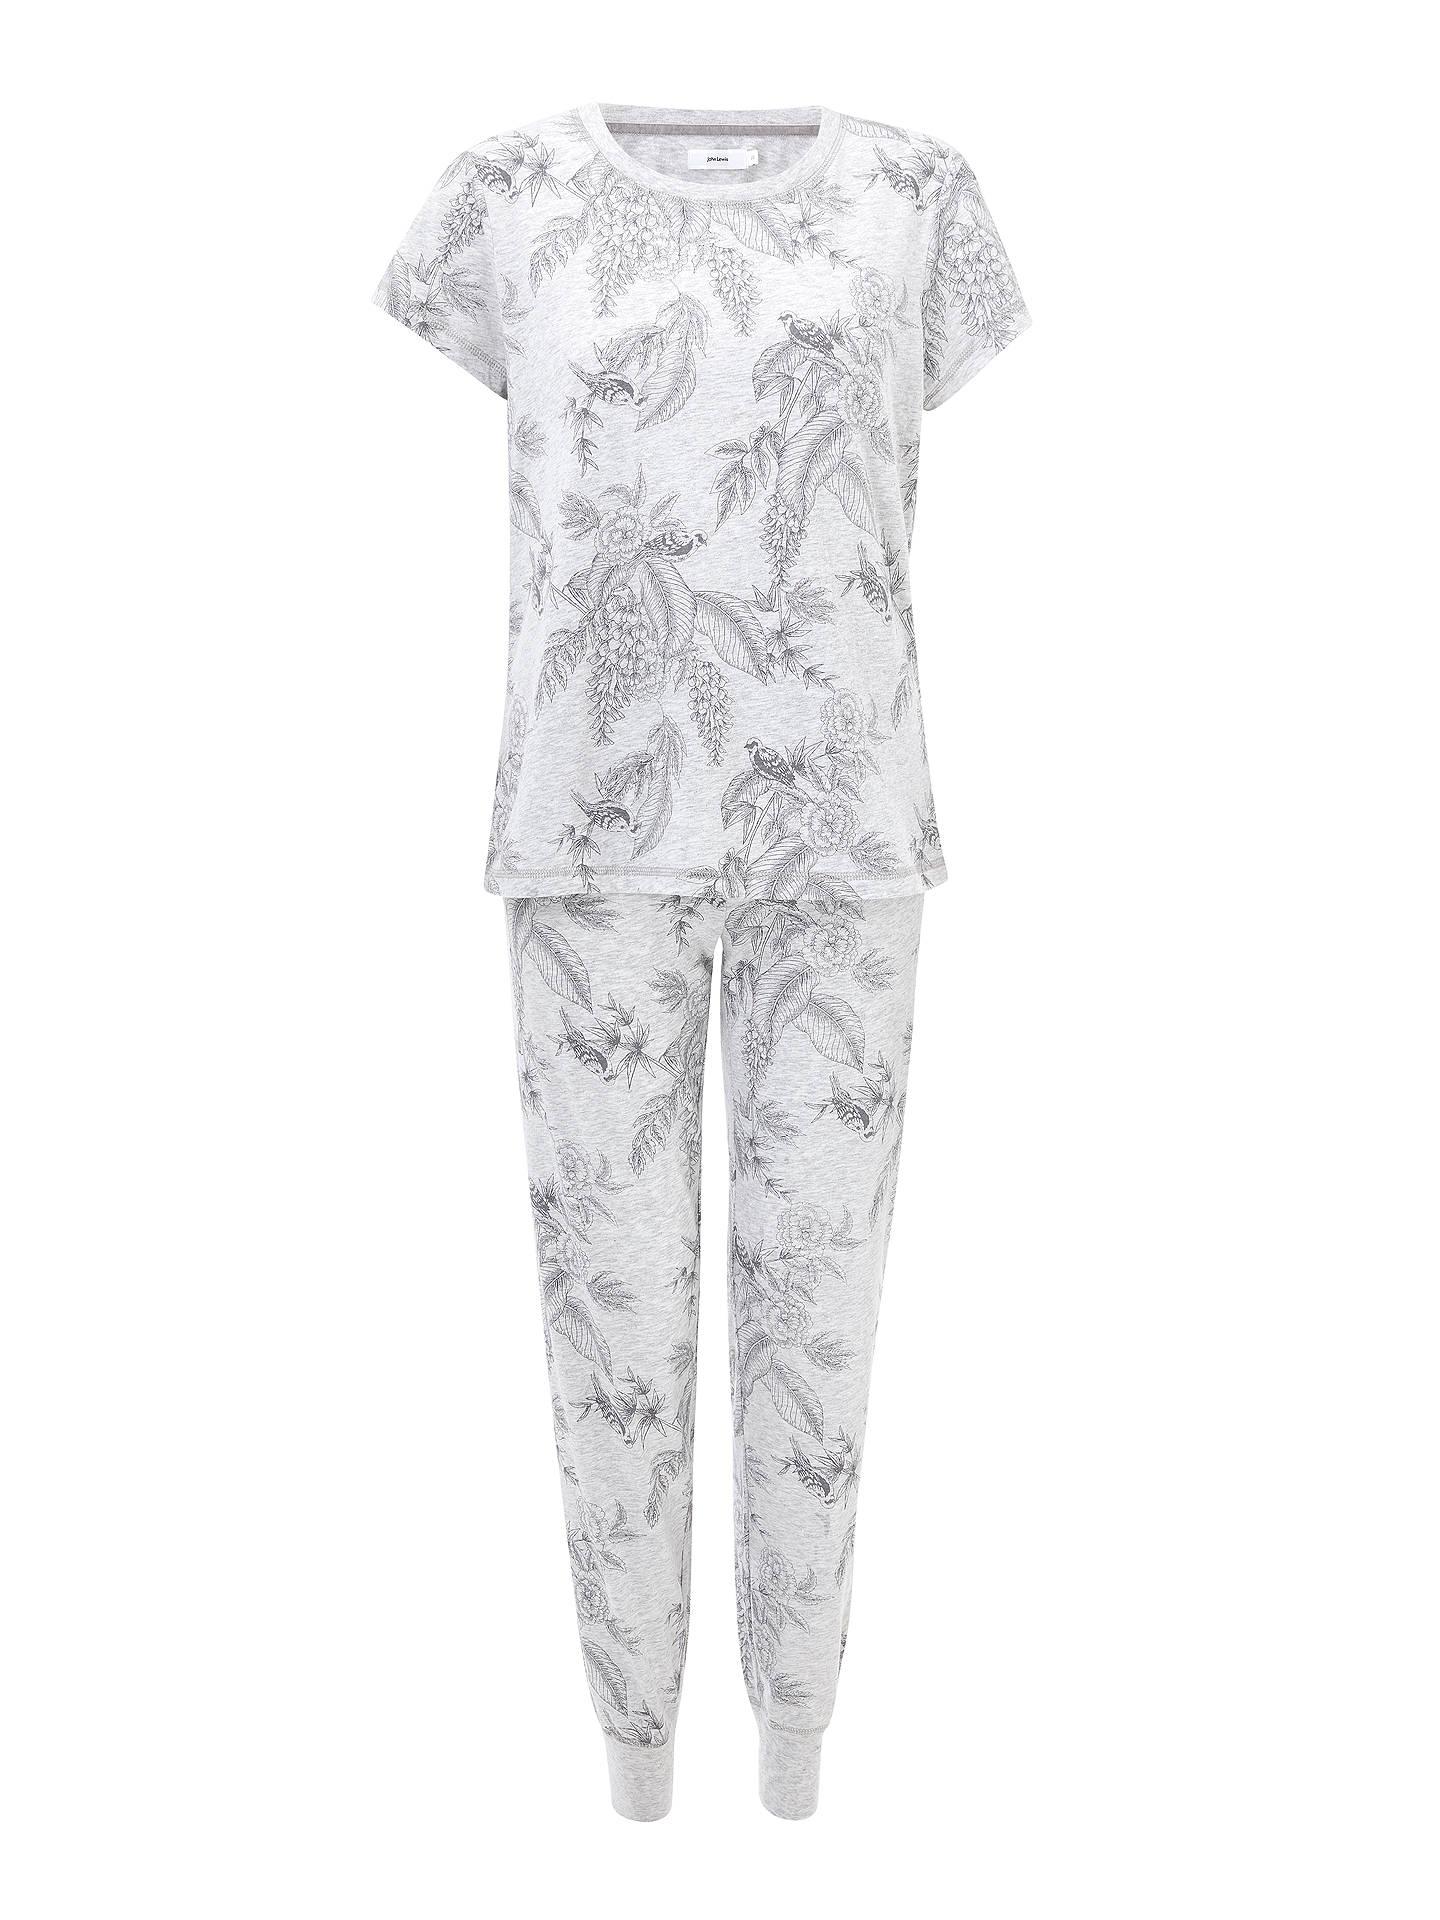 ... BuyJohn Lewis   Partners Adina Floral Print Cotton Pyjama Set 95b437681